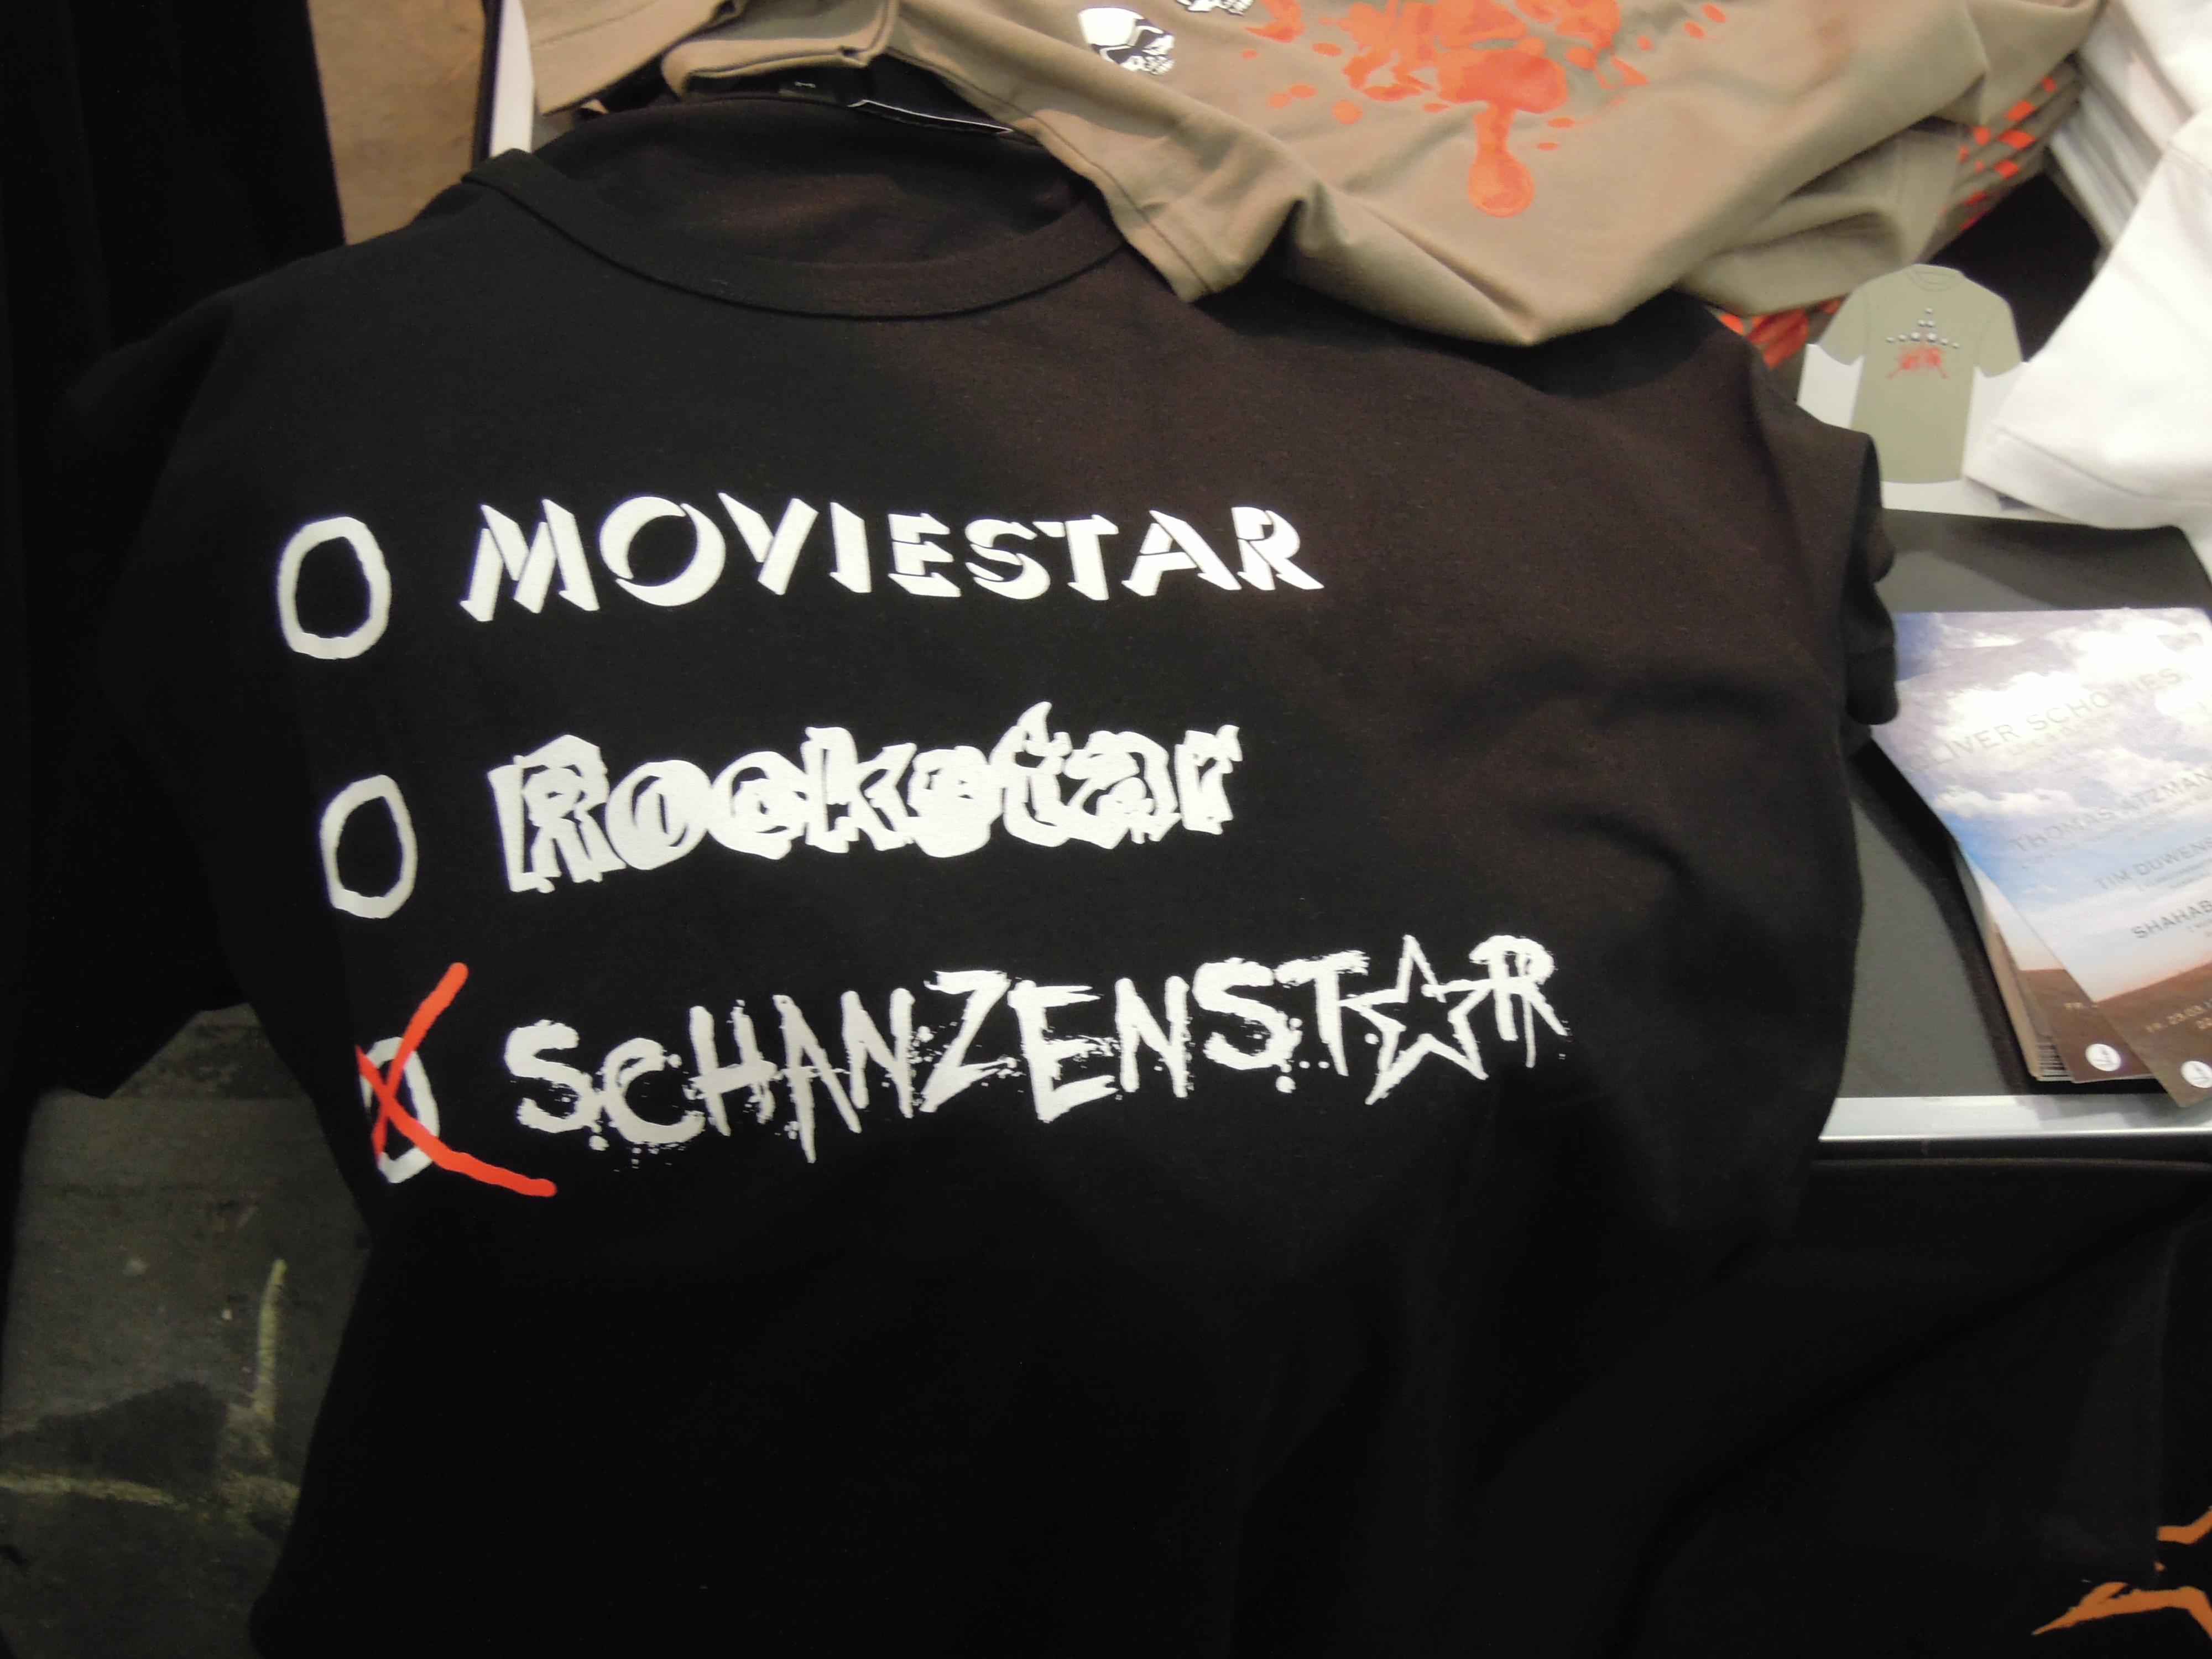 Schanzenstar